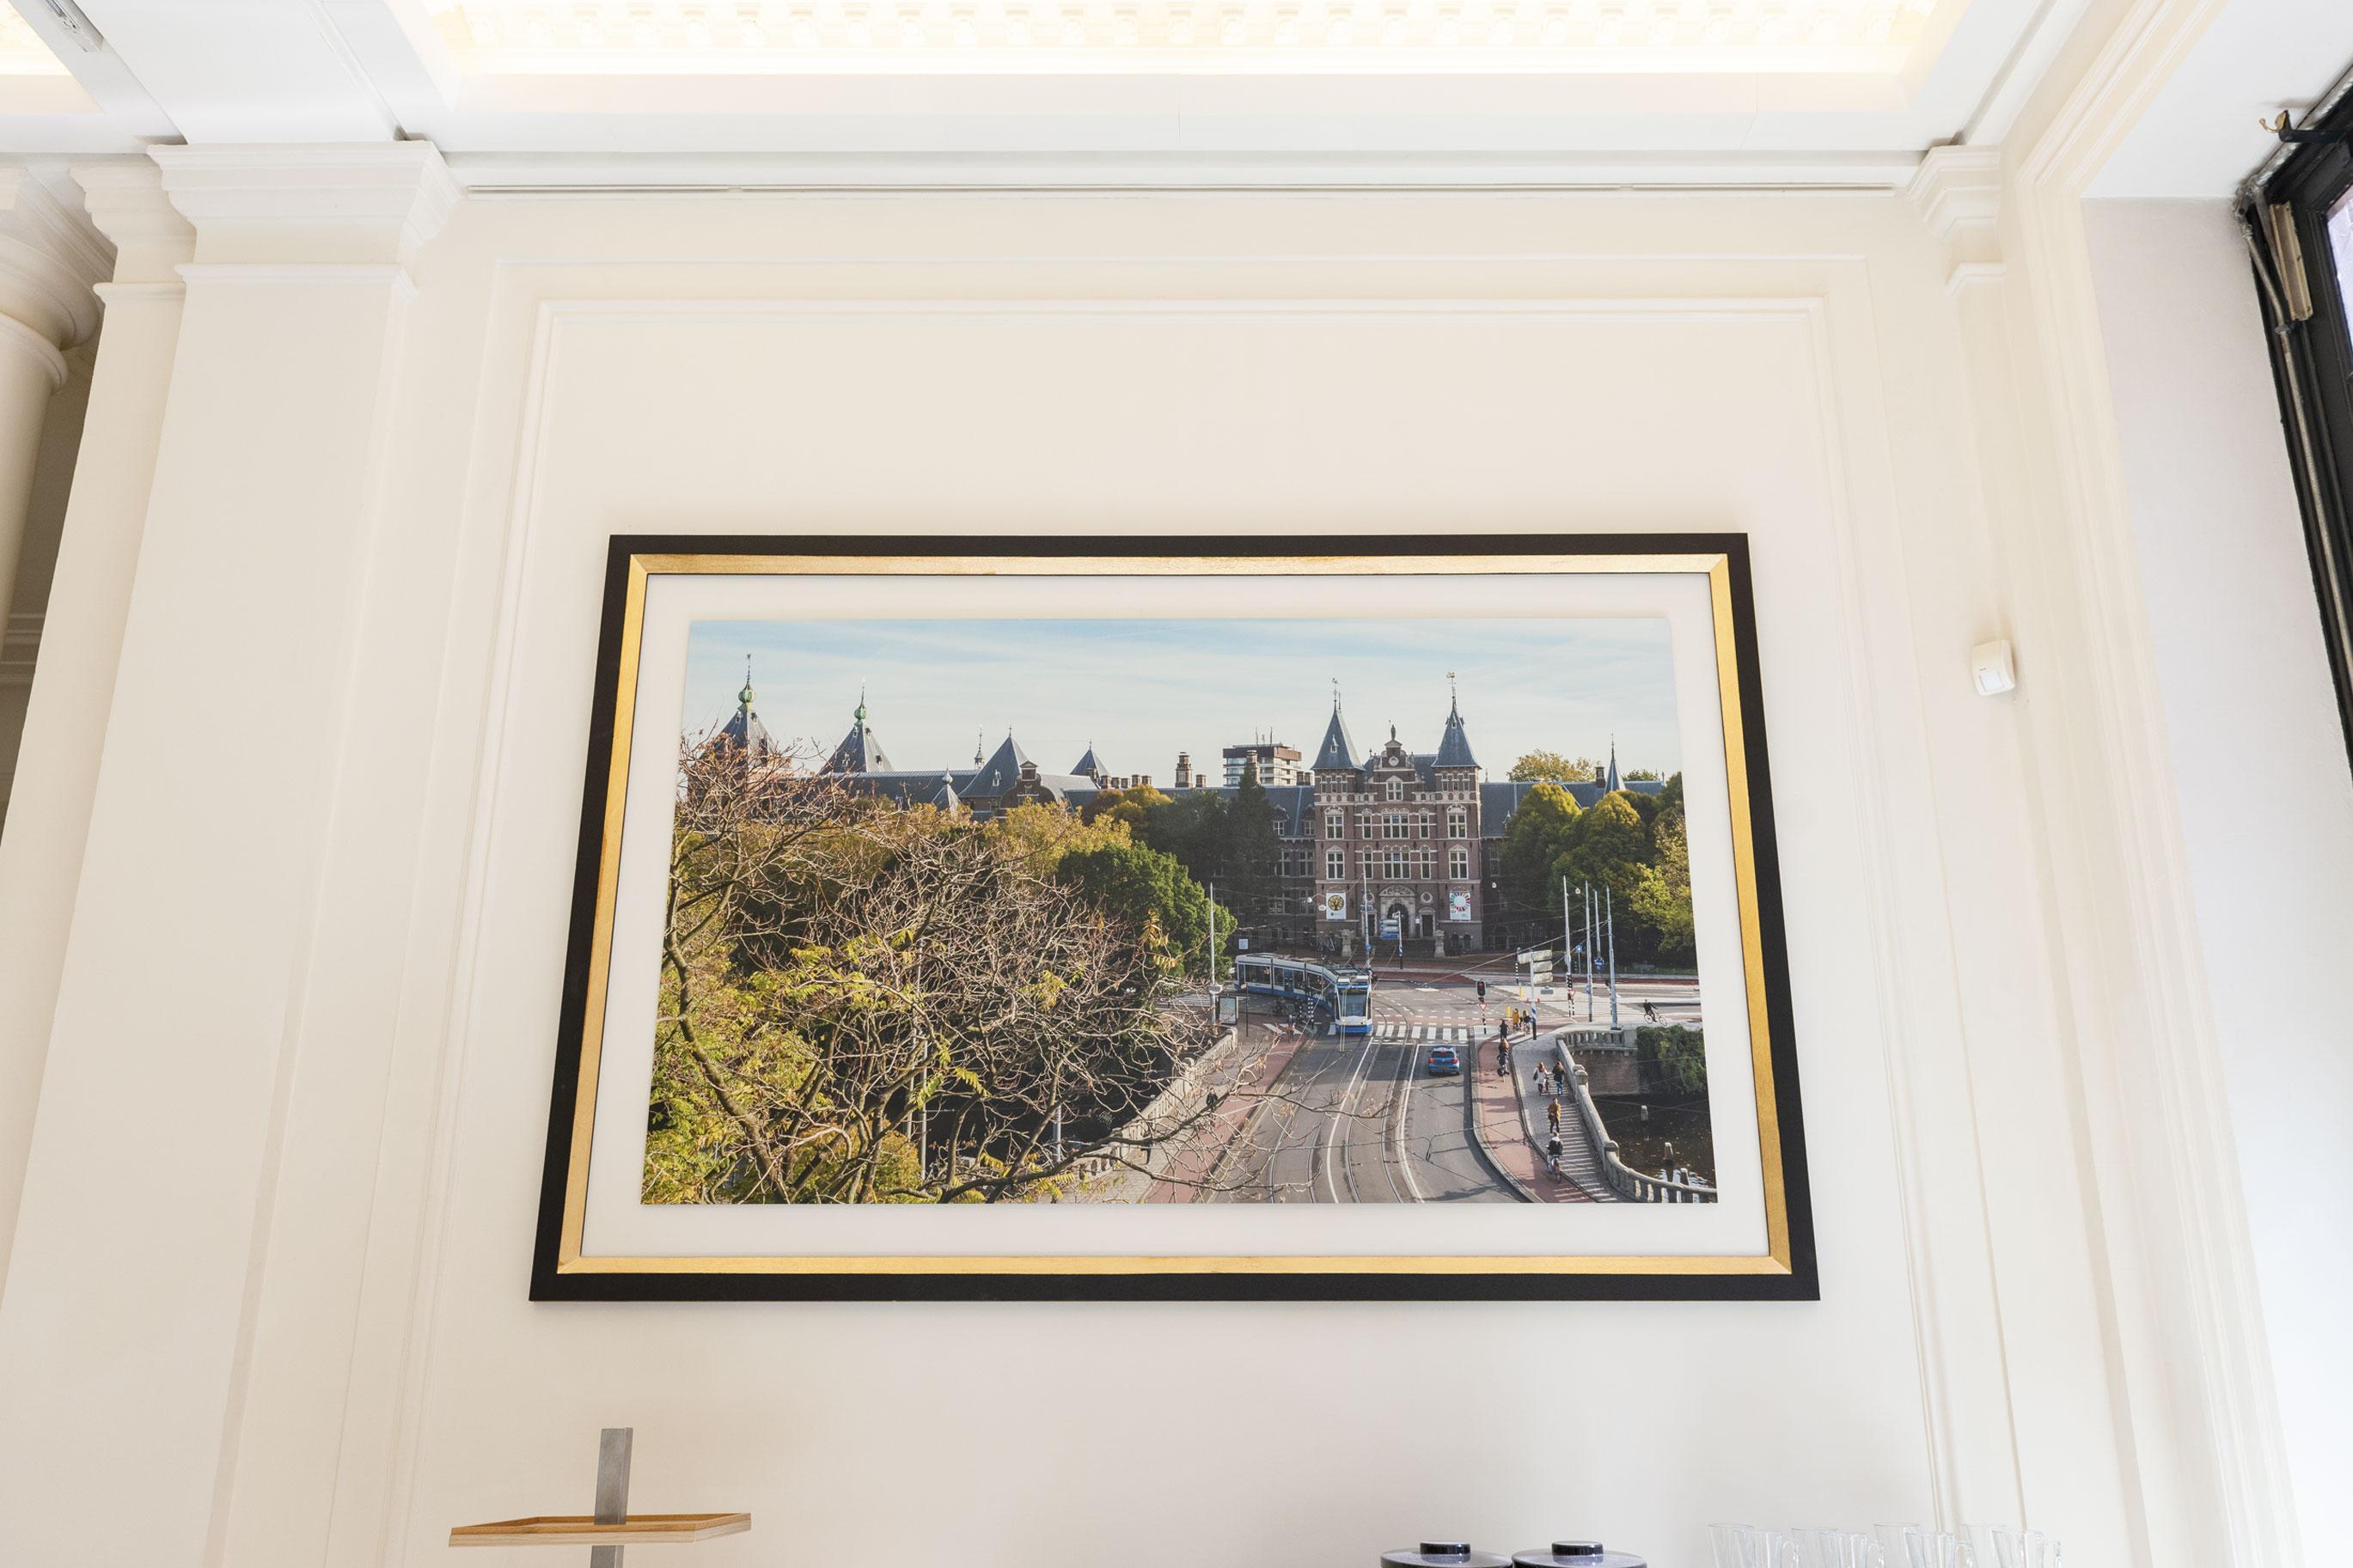 2738x1825_marble_hall_frames_2